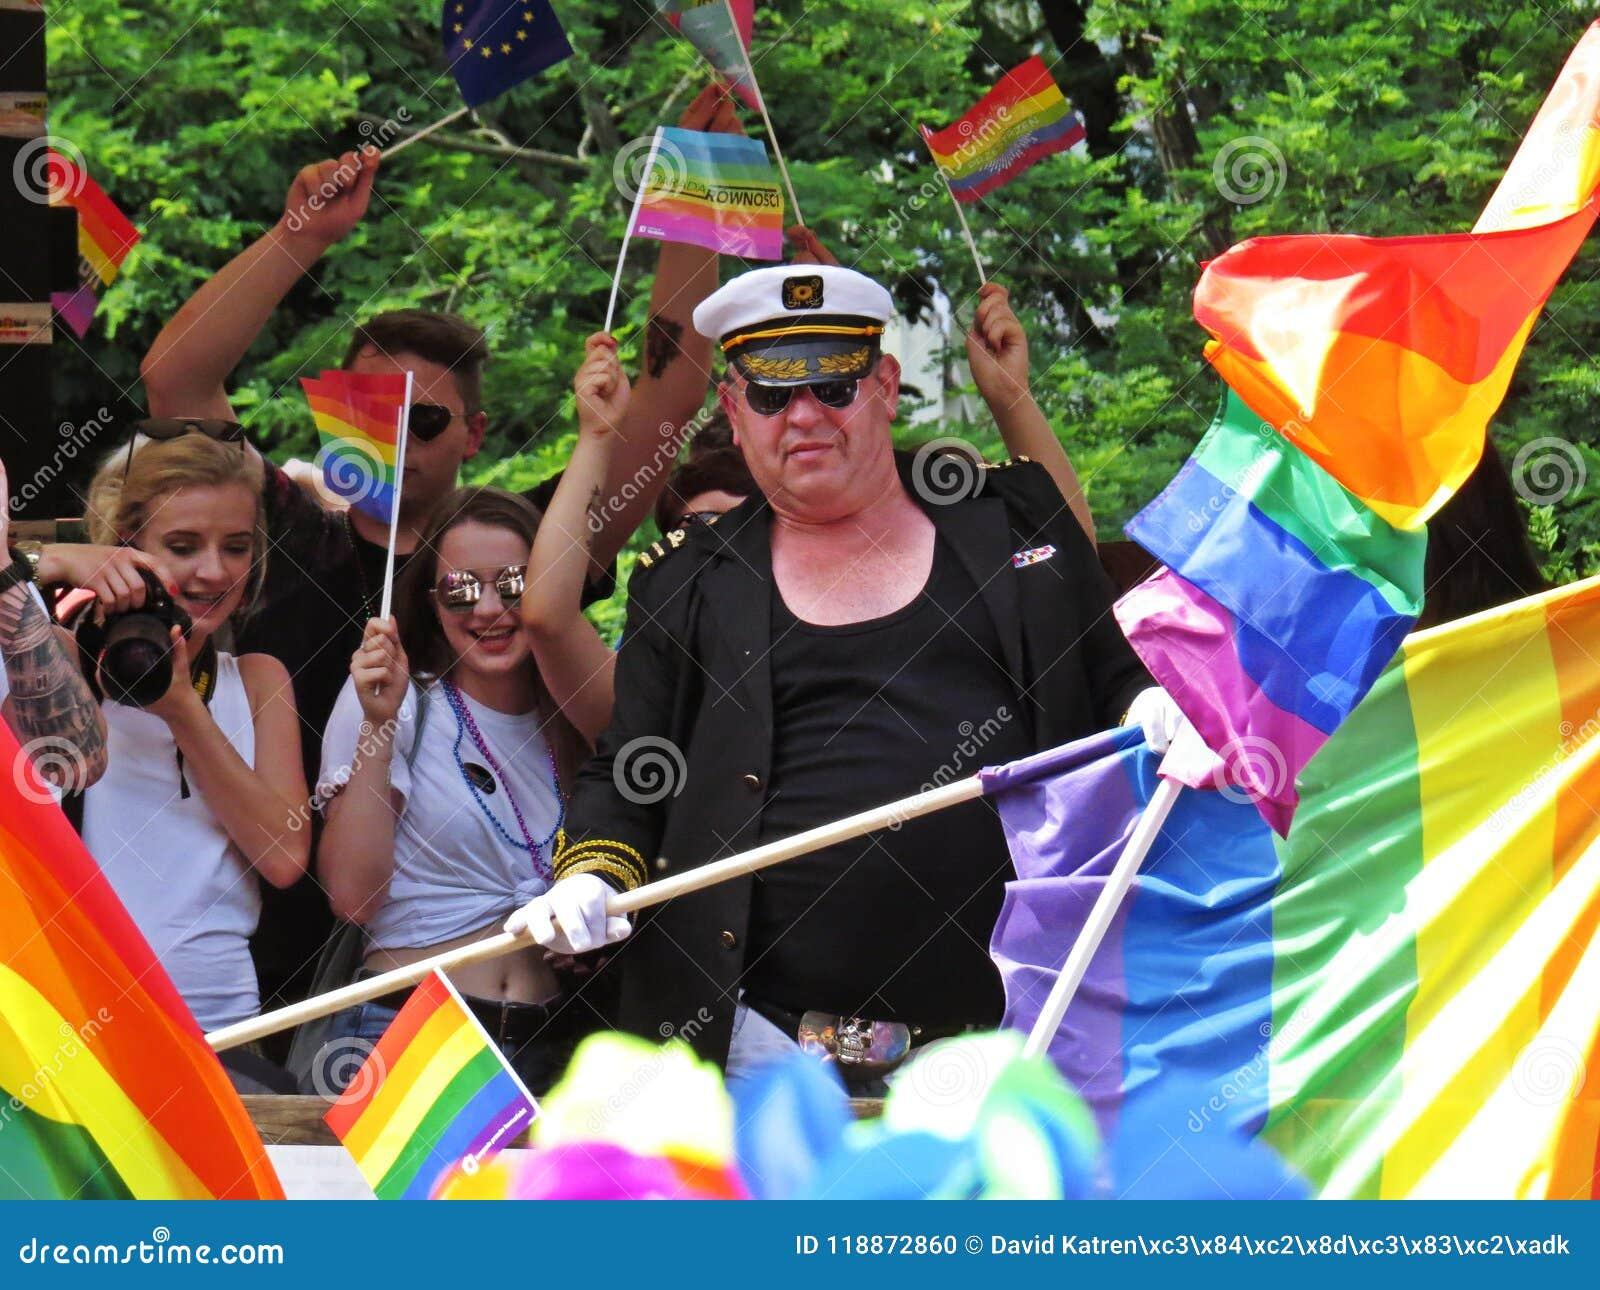 LGBT Hawaii - Classic, Progressive Vacations! - Windy City